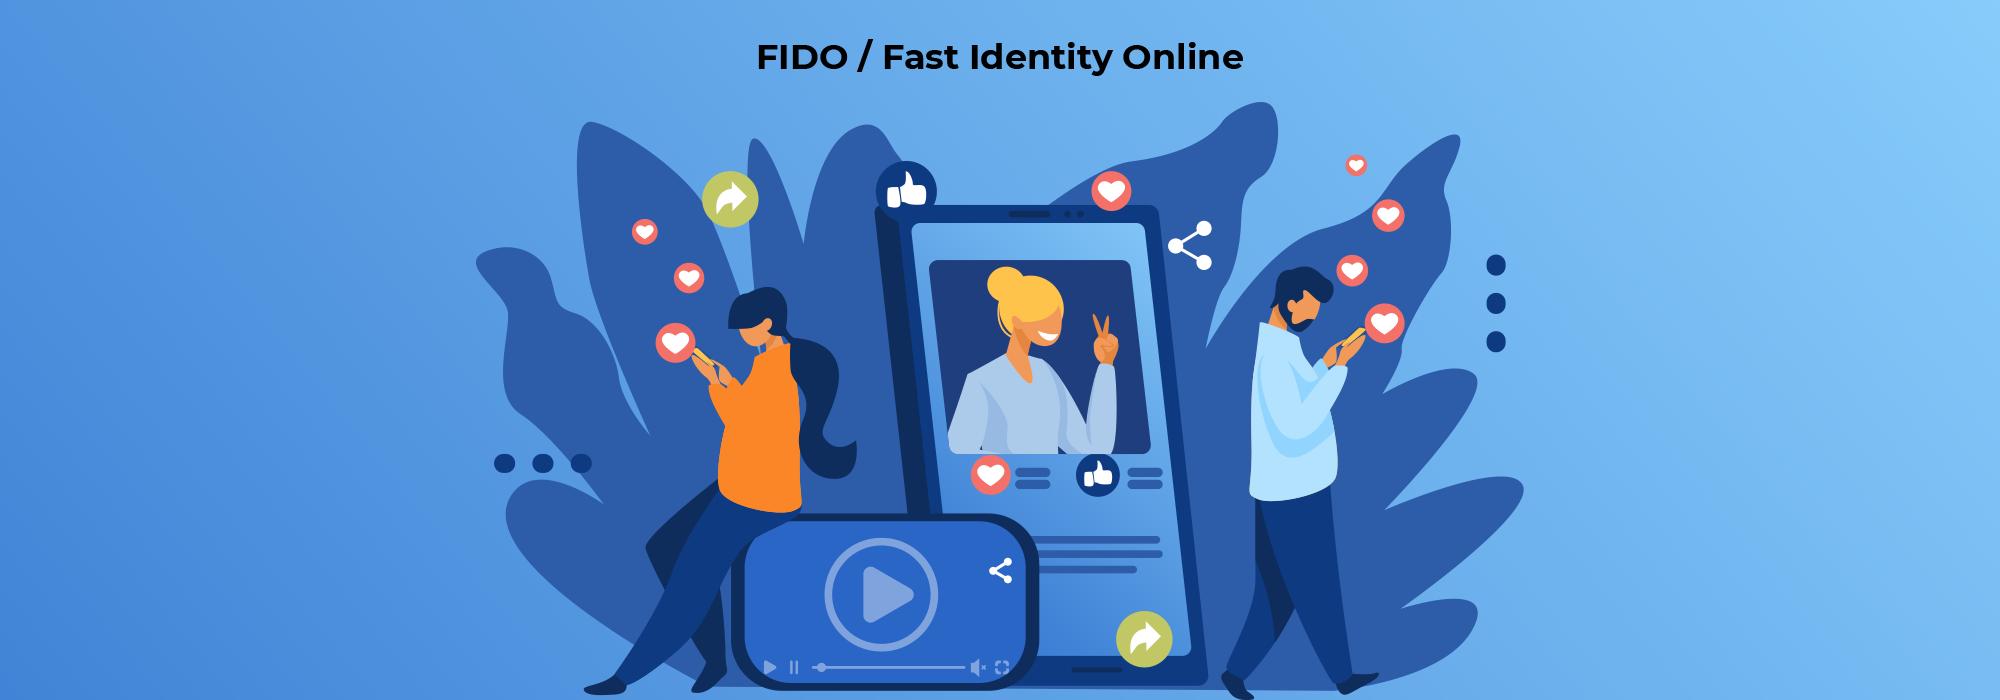 FIDO / Fast IdentityOnline